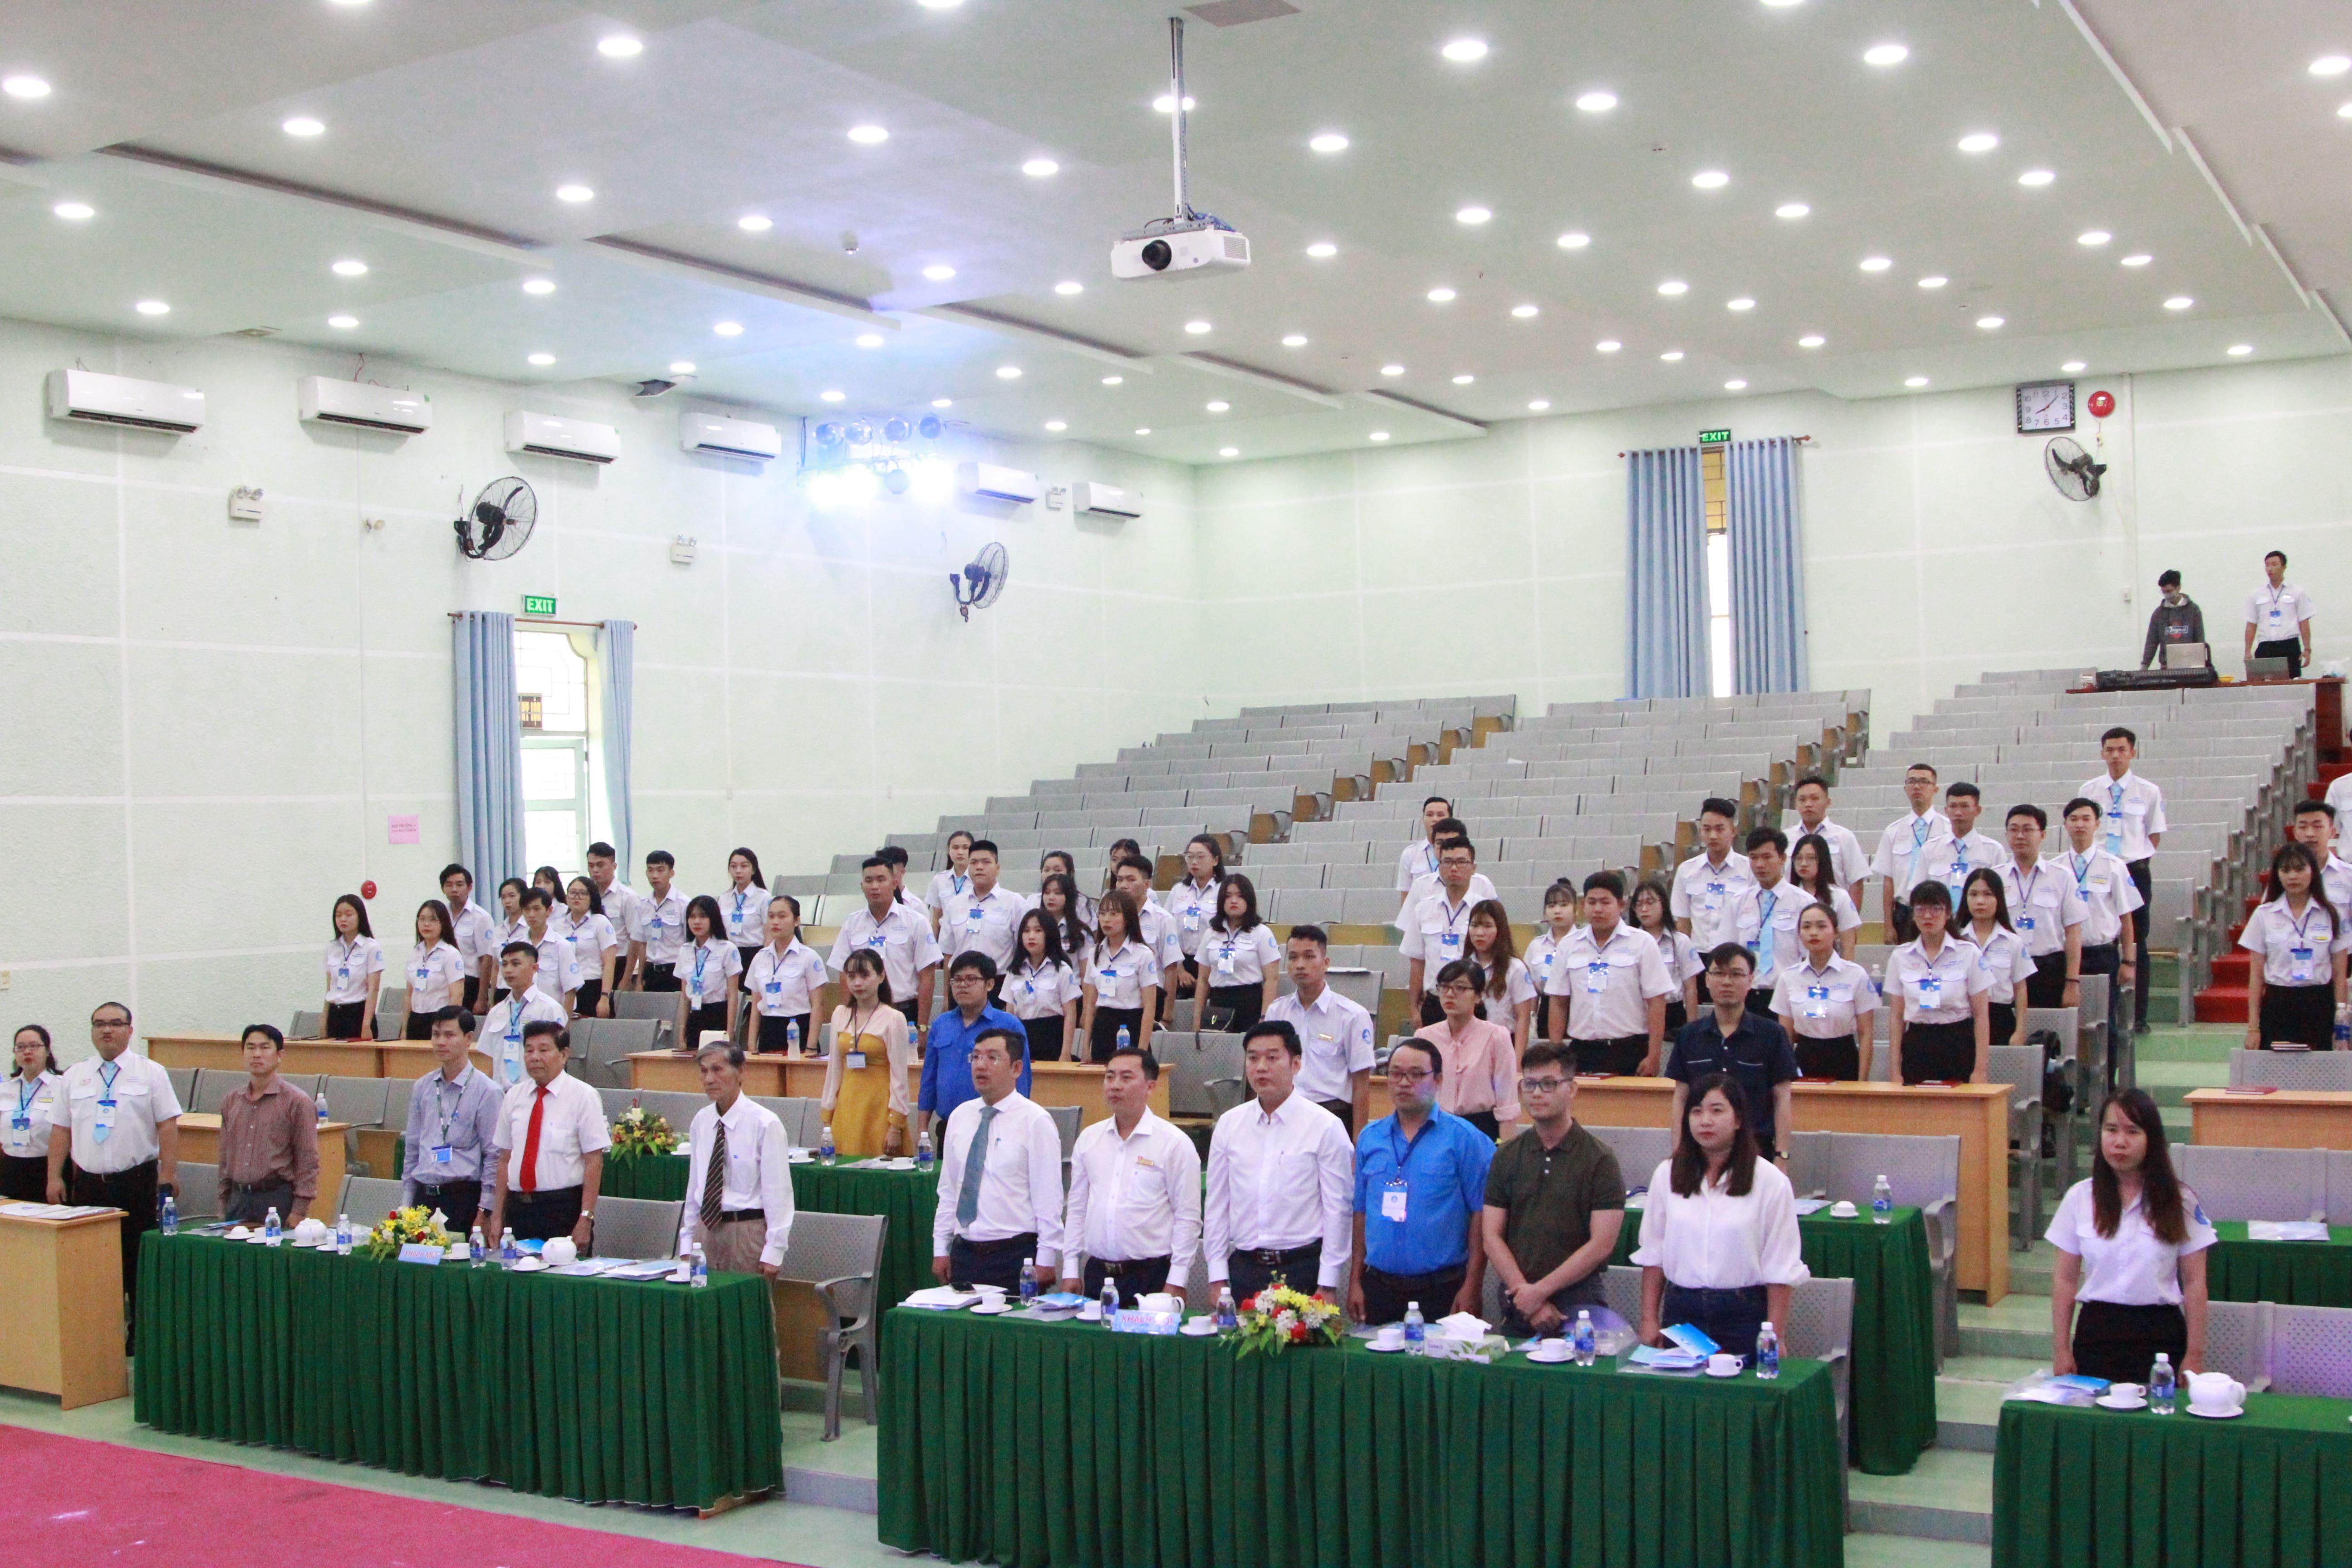 hội-sinh-viên-trường-đại-học-tây-đô-tổ-chức-thành-công-đại-hội-nhiệm-kỳ-2020-–-2023